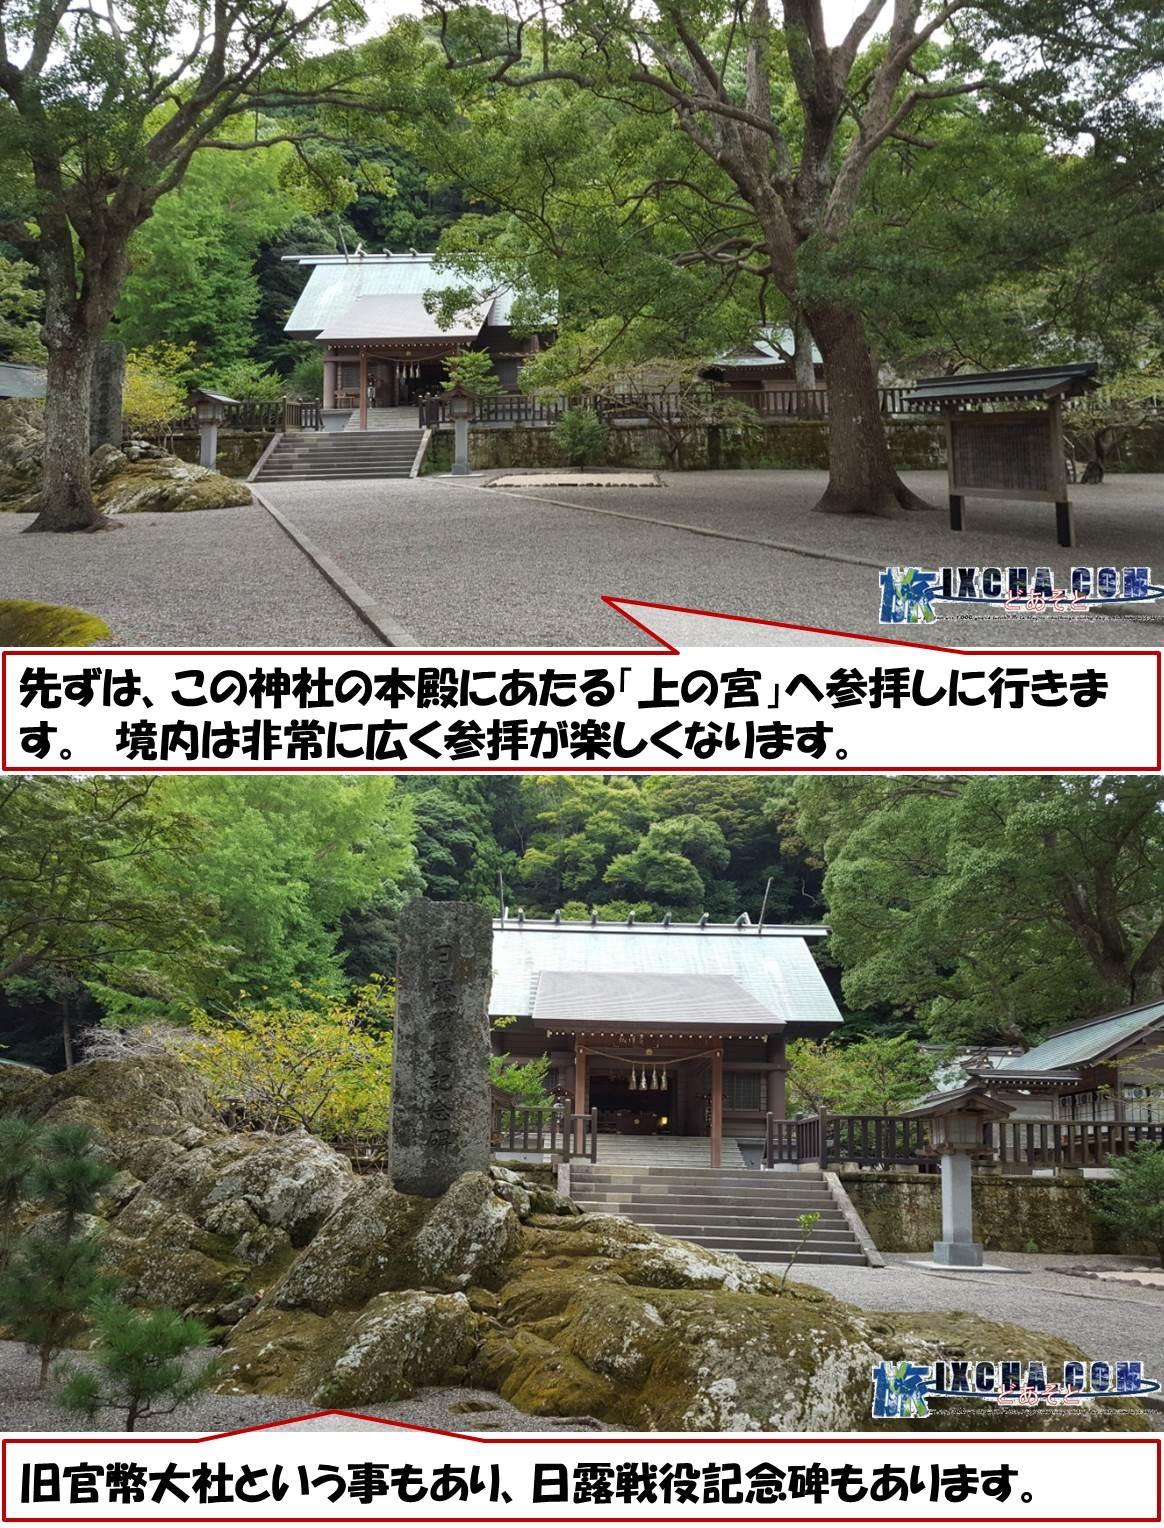 先ずは、この神社の本殿にあたる「上の宮」へ参拝しに行きます。 境内は非常に広く参拝が楽しくなります。 旧官幣大社という事もあり、日露戦役記念碑もあります。